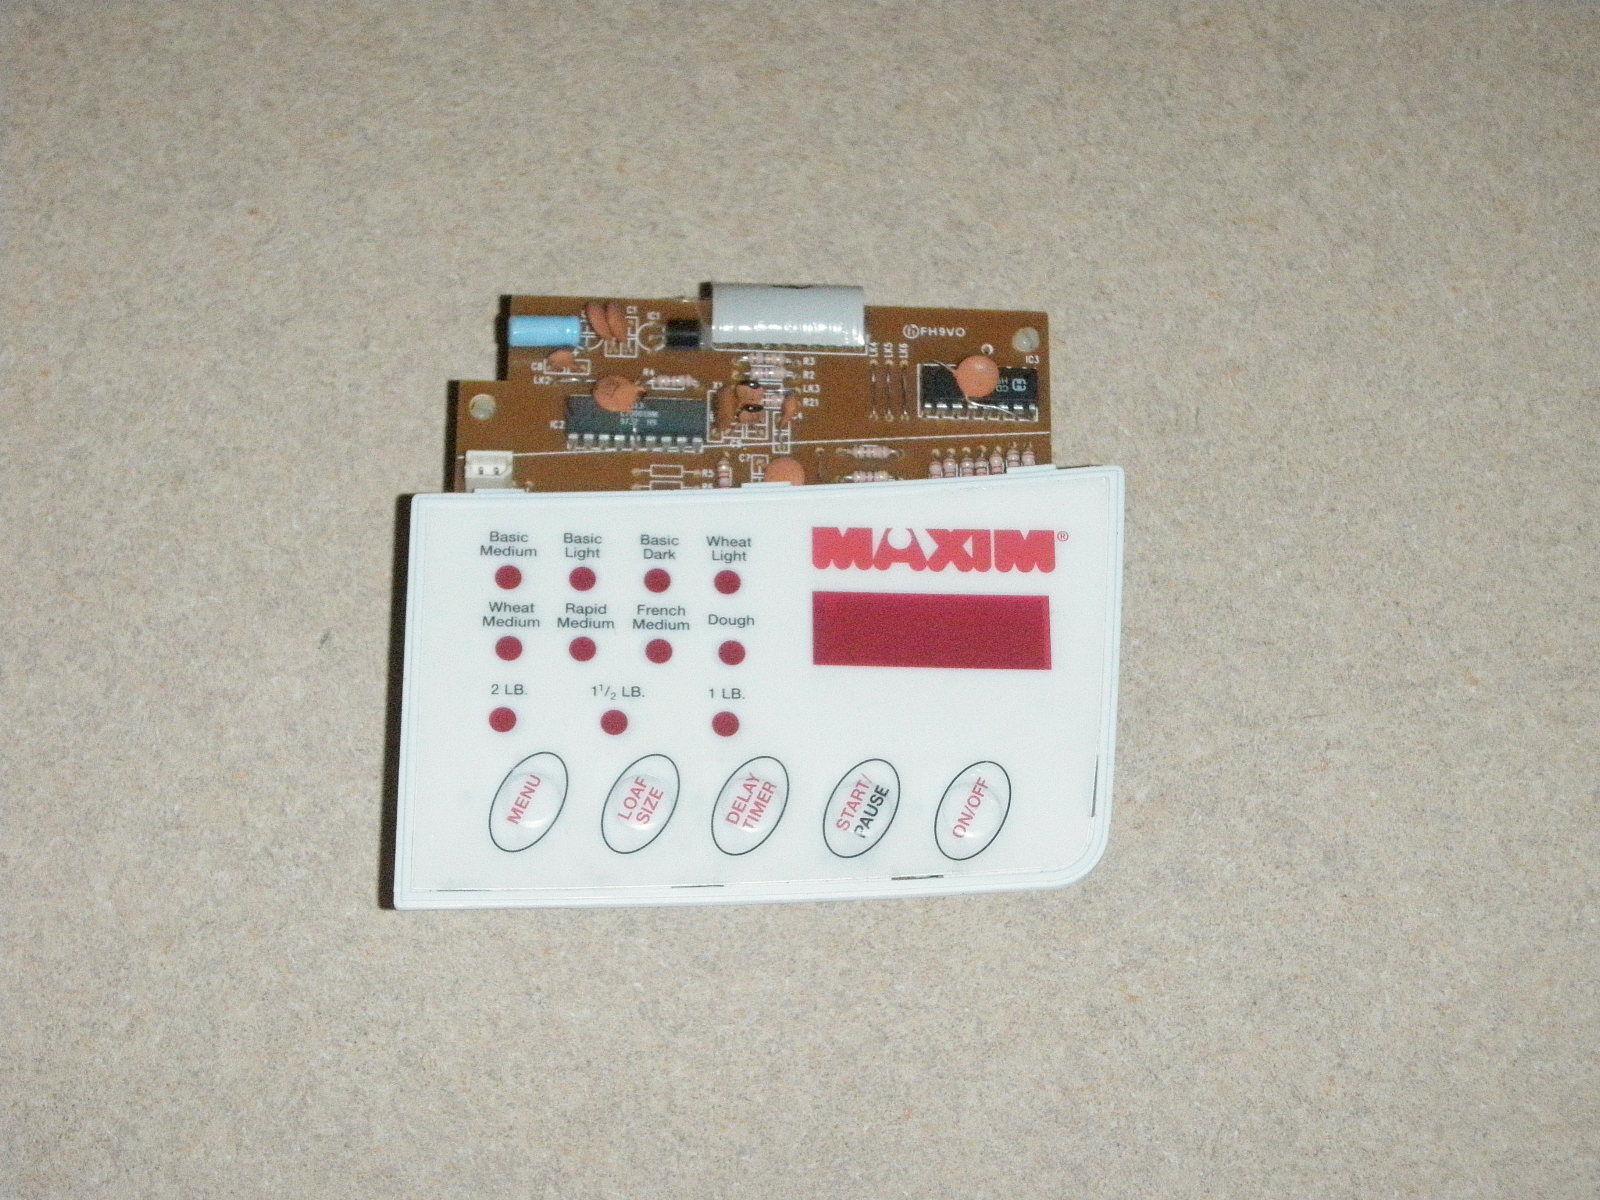 Maxim Bread Machine Bread Maker Control Panel Model BM500 - $37.39